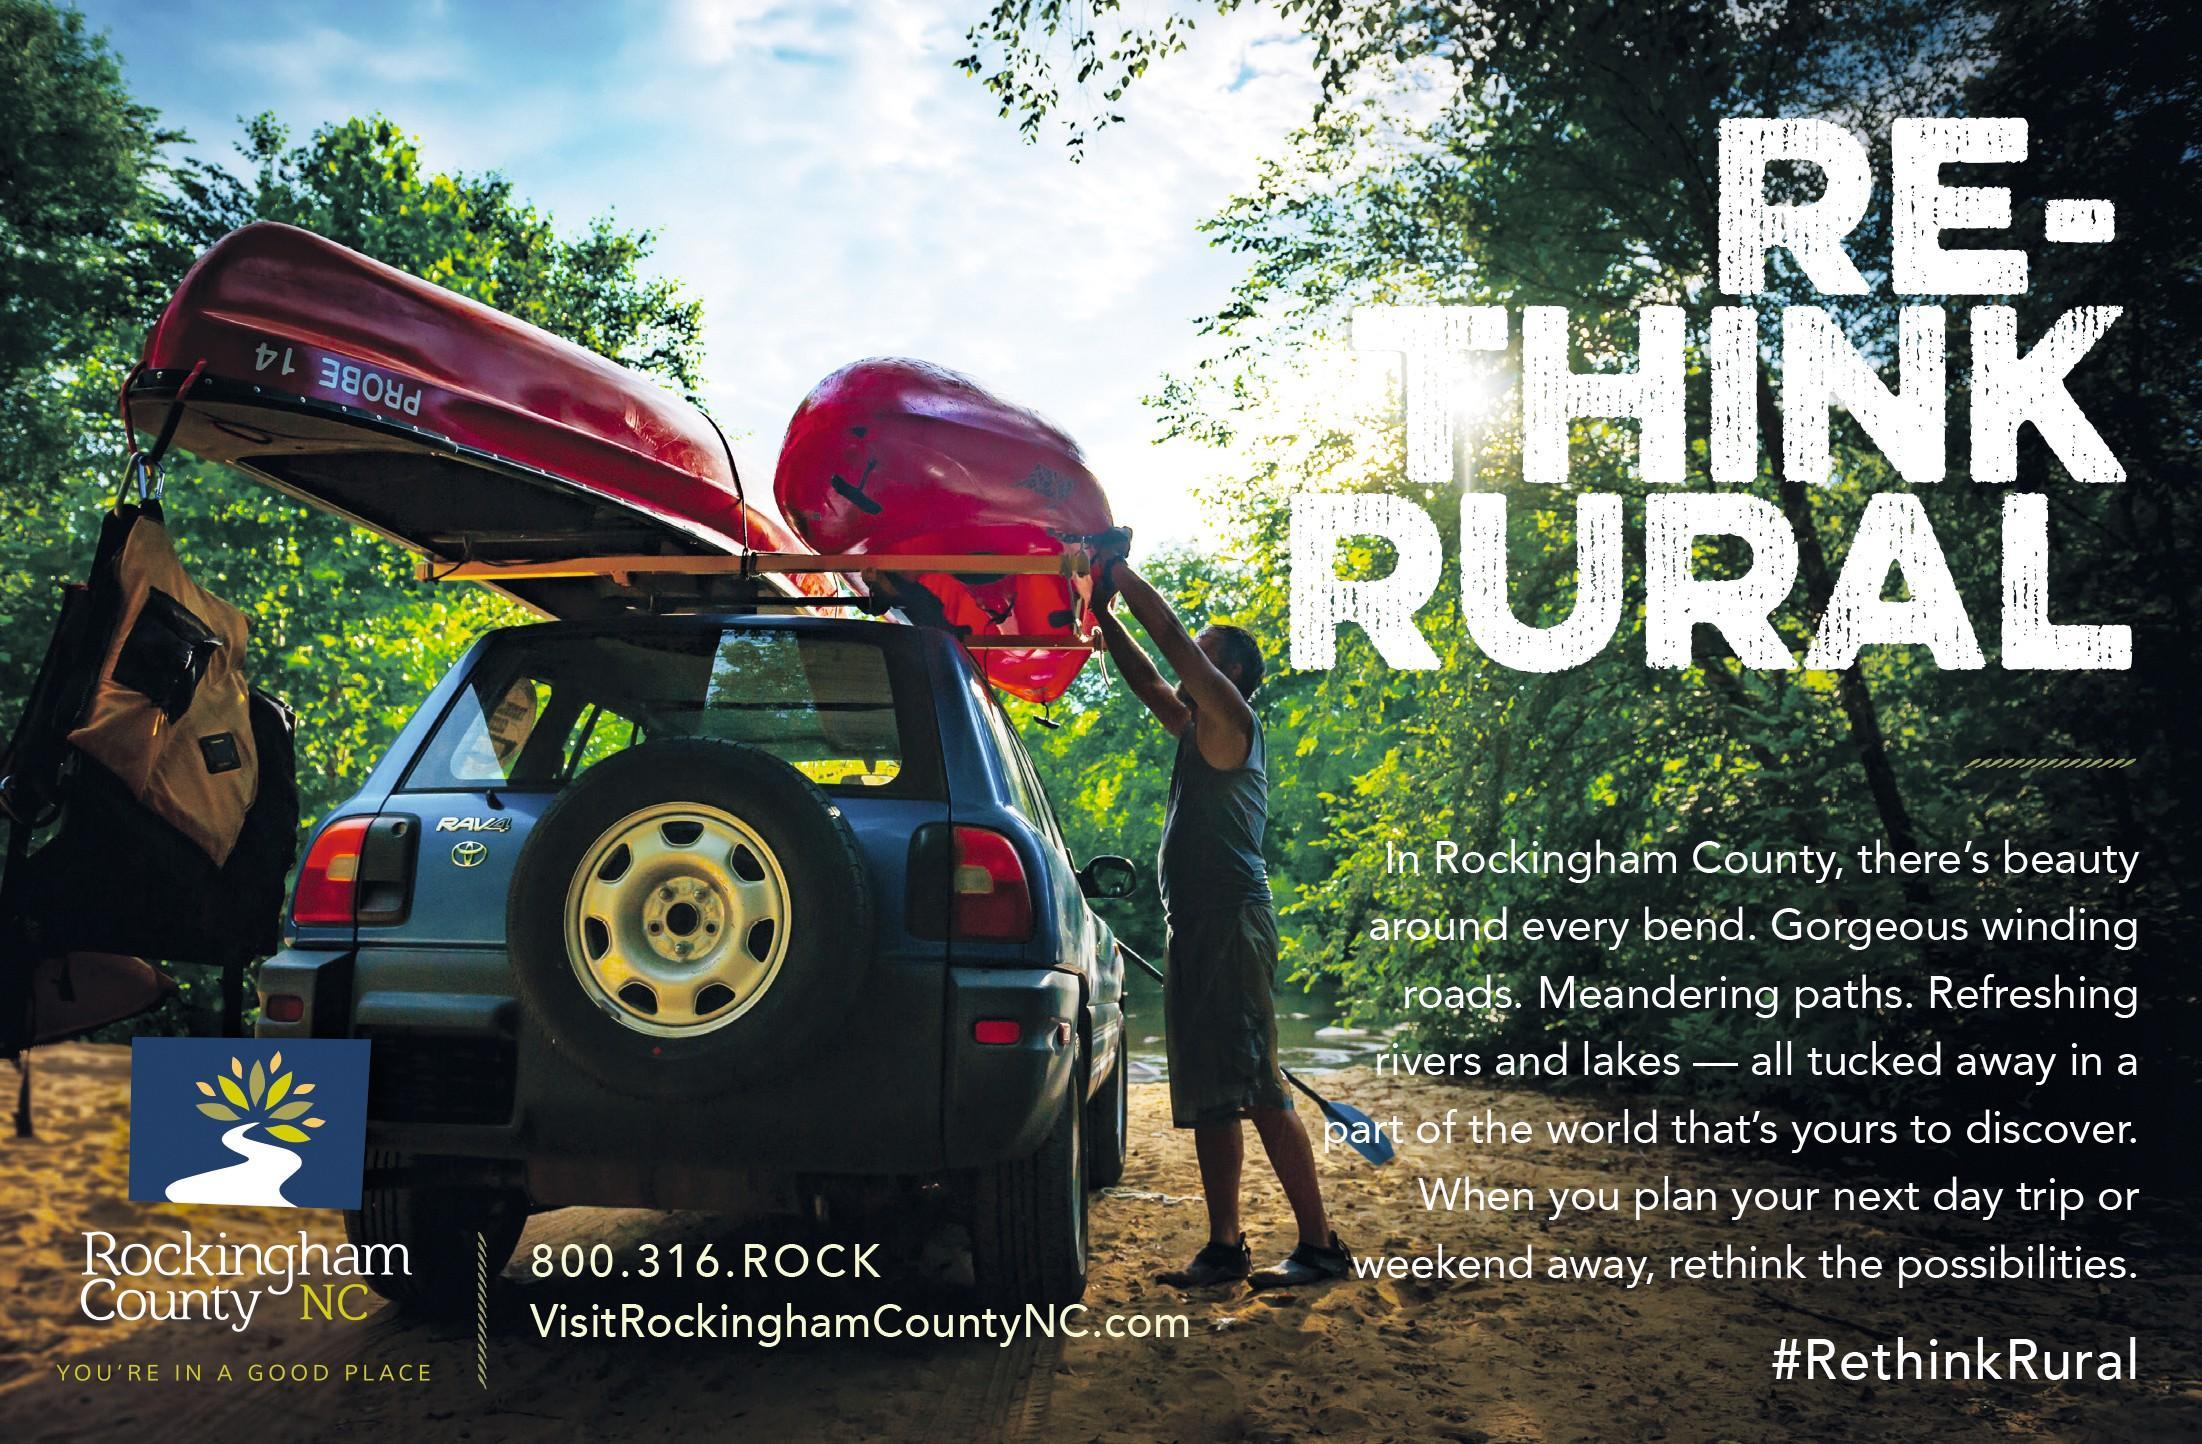 Campagne publicitaire de l'organisme local de tourisme Rockingham County NC.